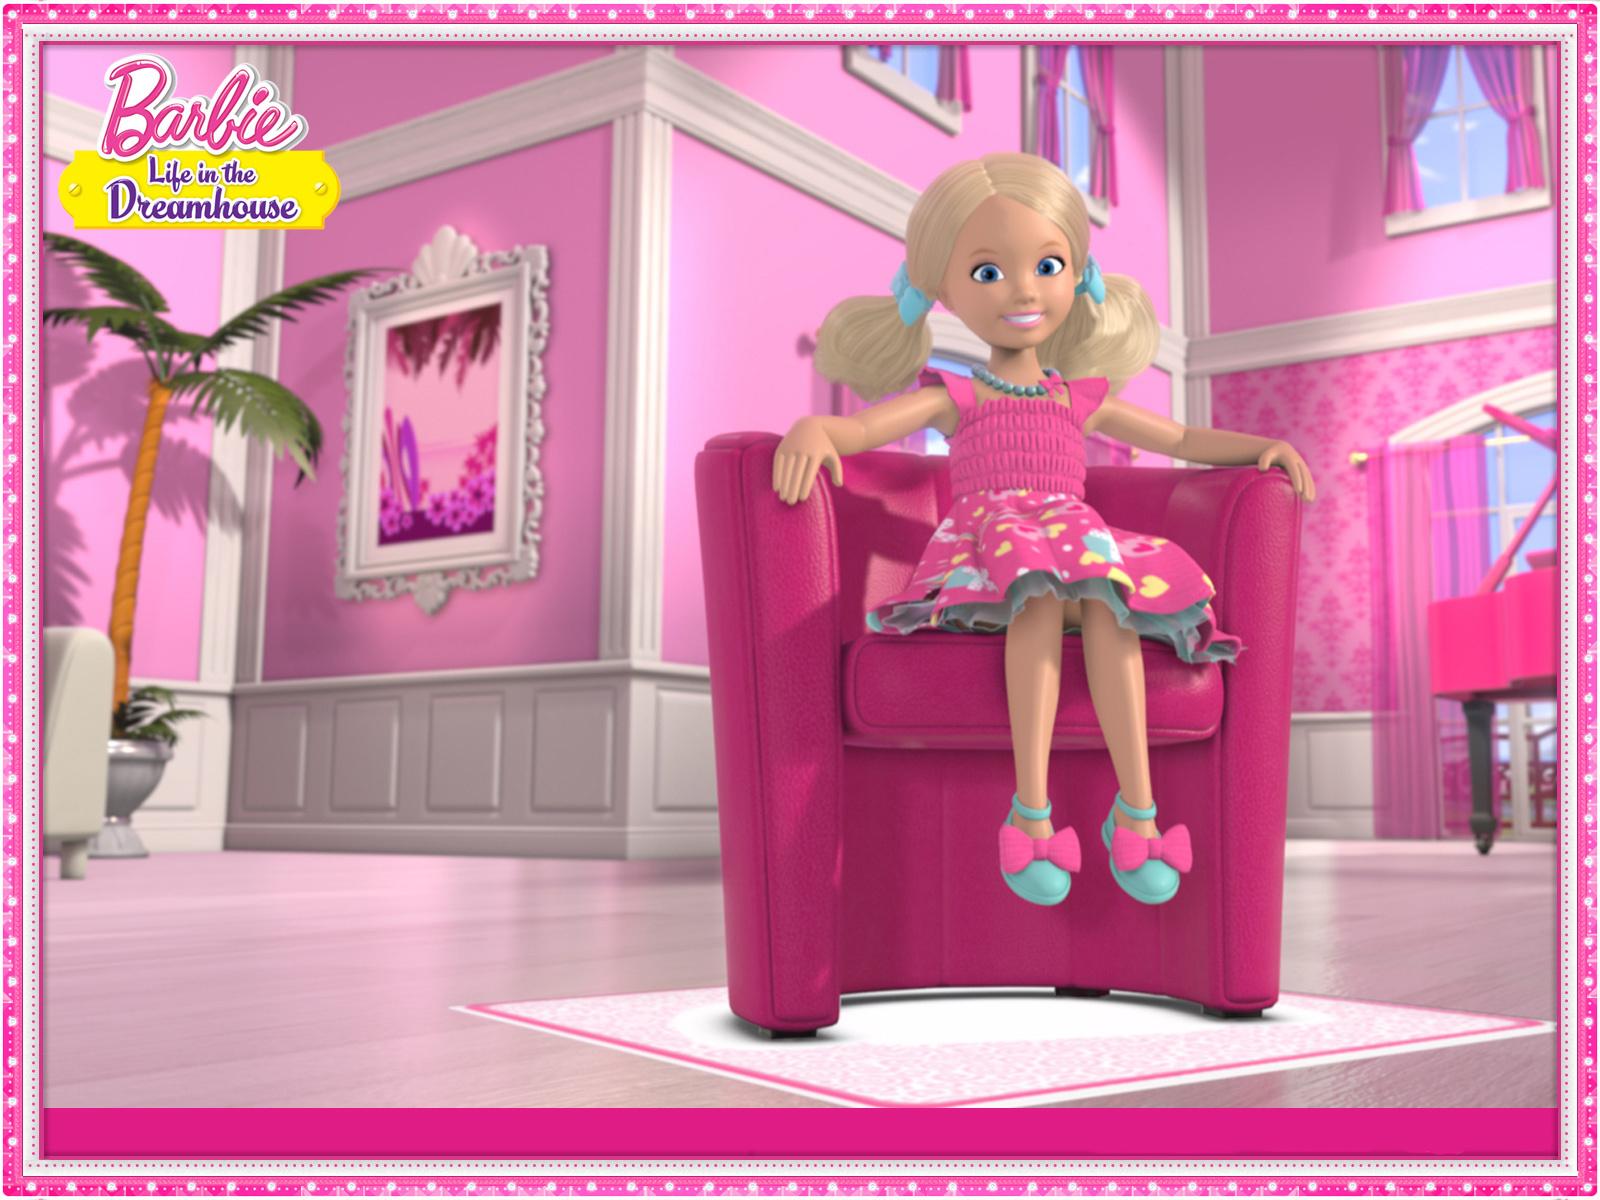 芭比公主系列电影大合集下载,从2001年至2014年共27部,女孩子最爱图片 No.3